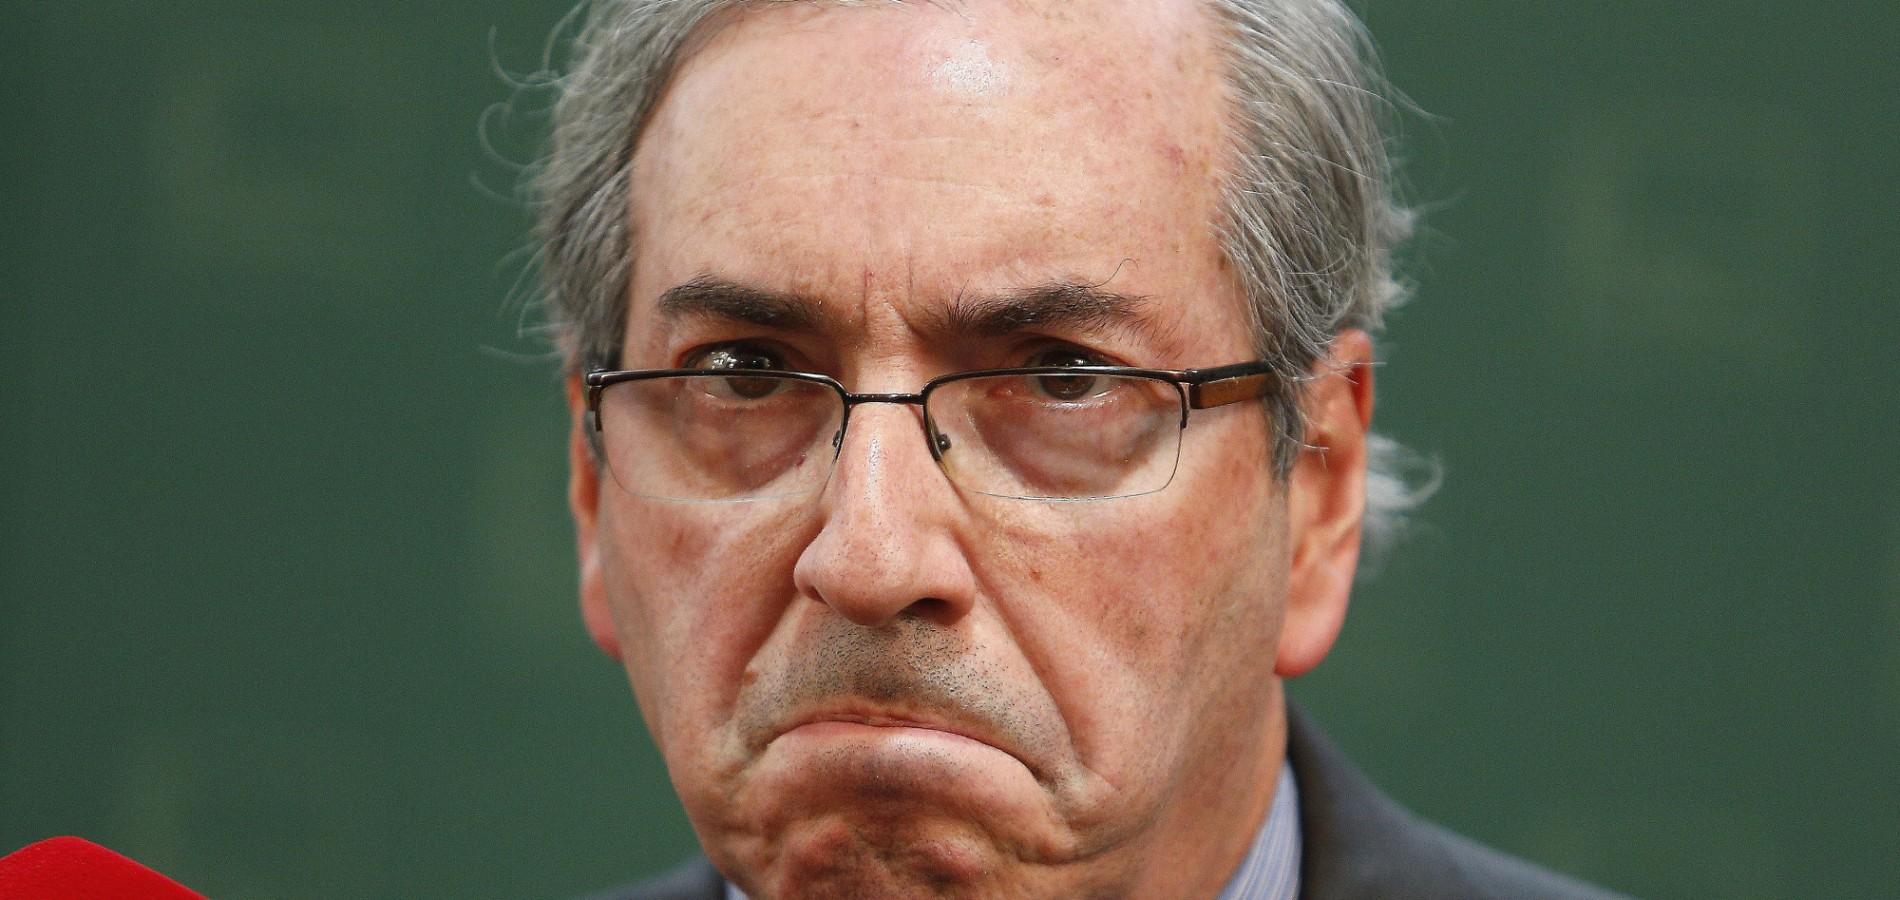 Pesquisa Datafolha aponta que 78% defendem a renúncia de Cunha